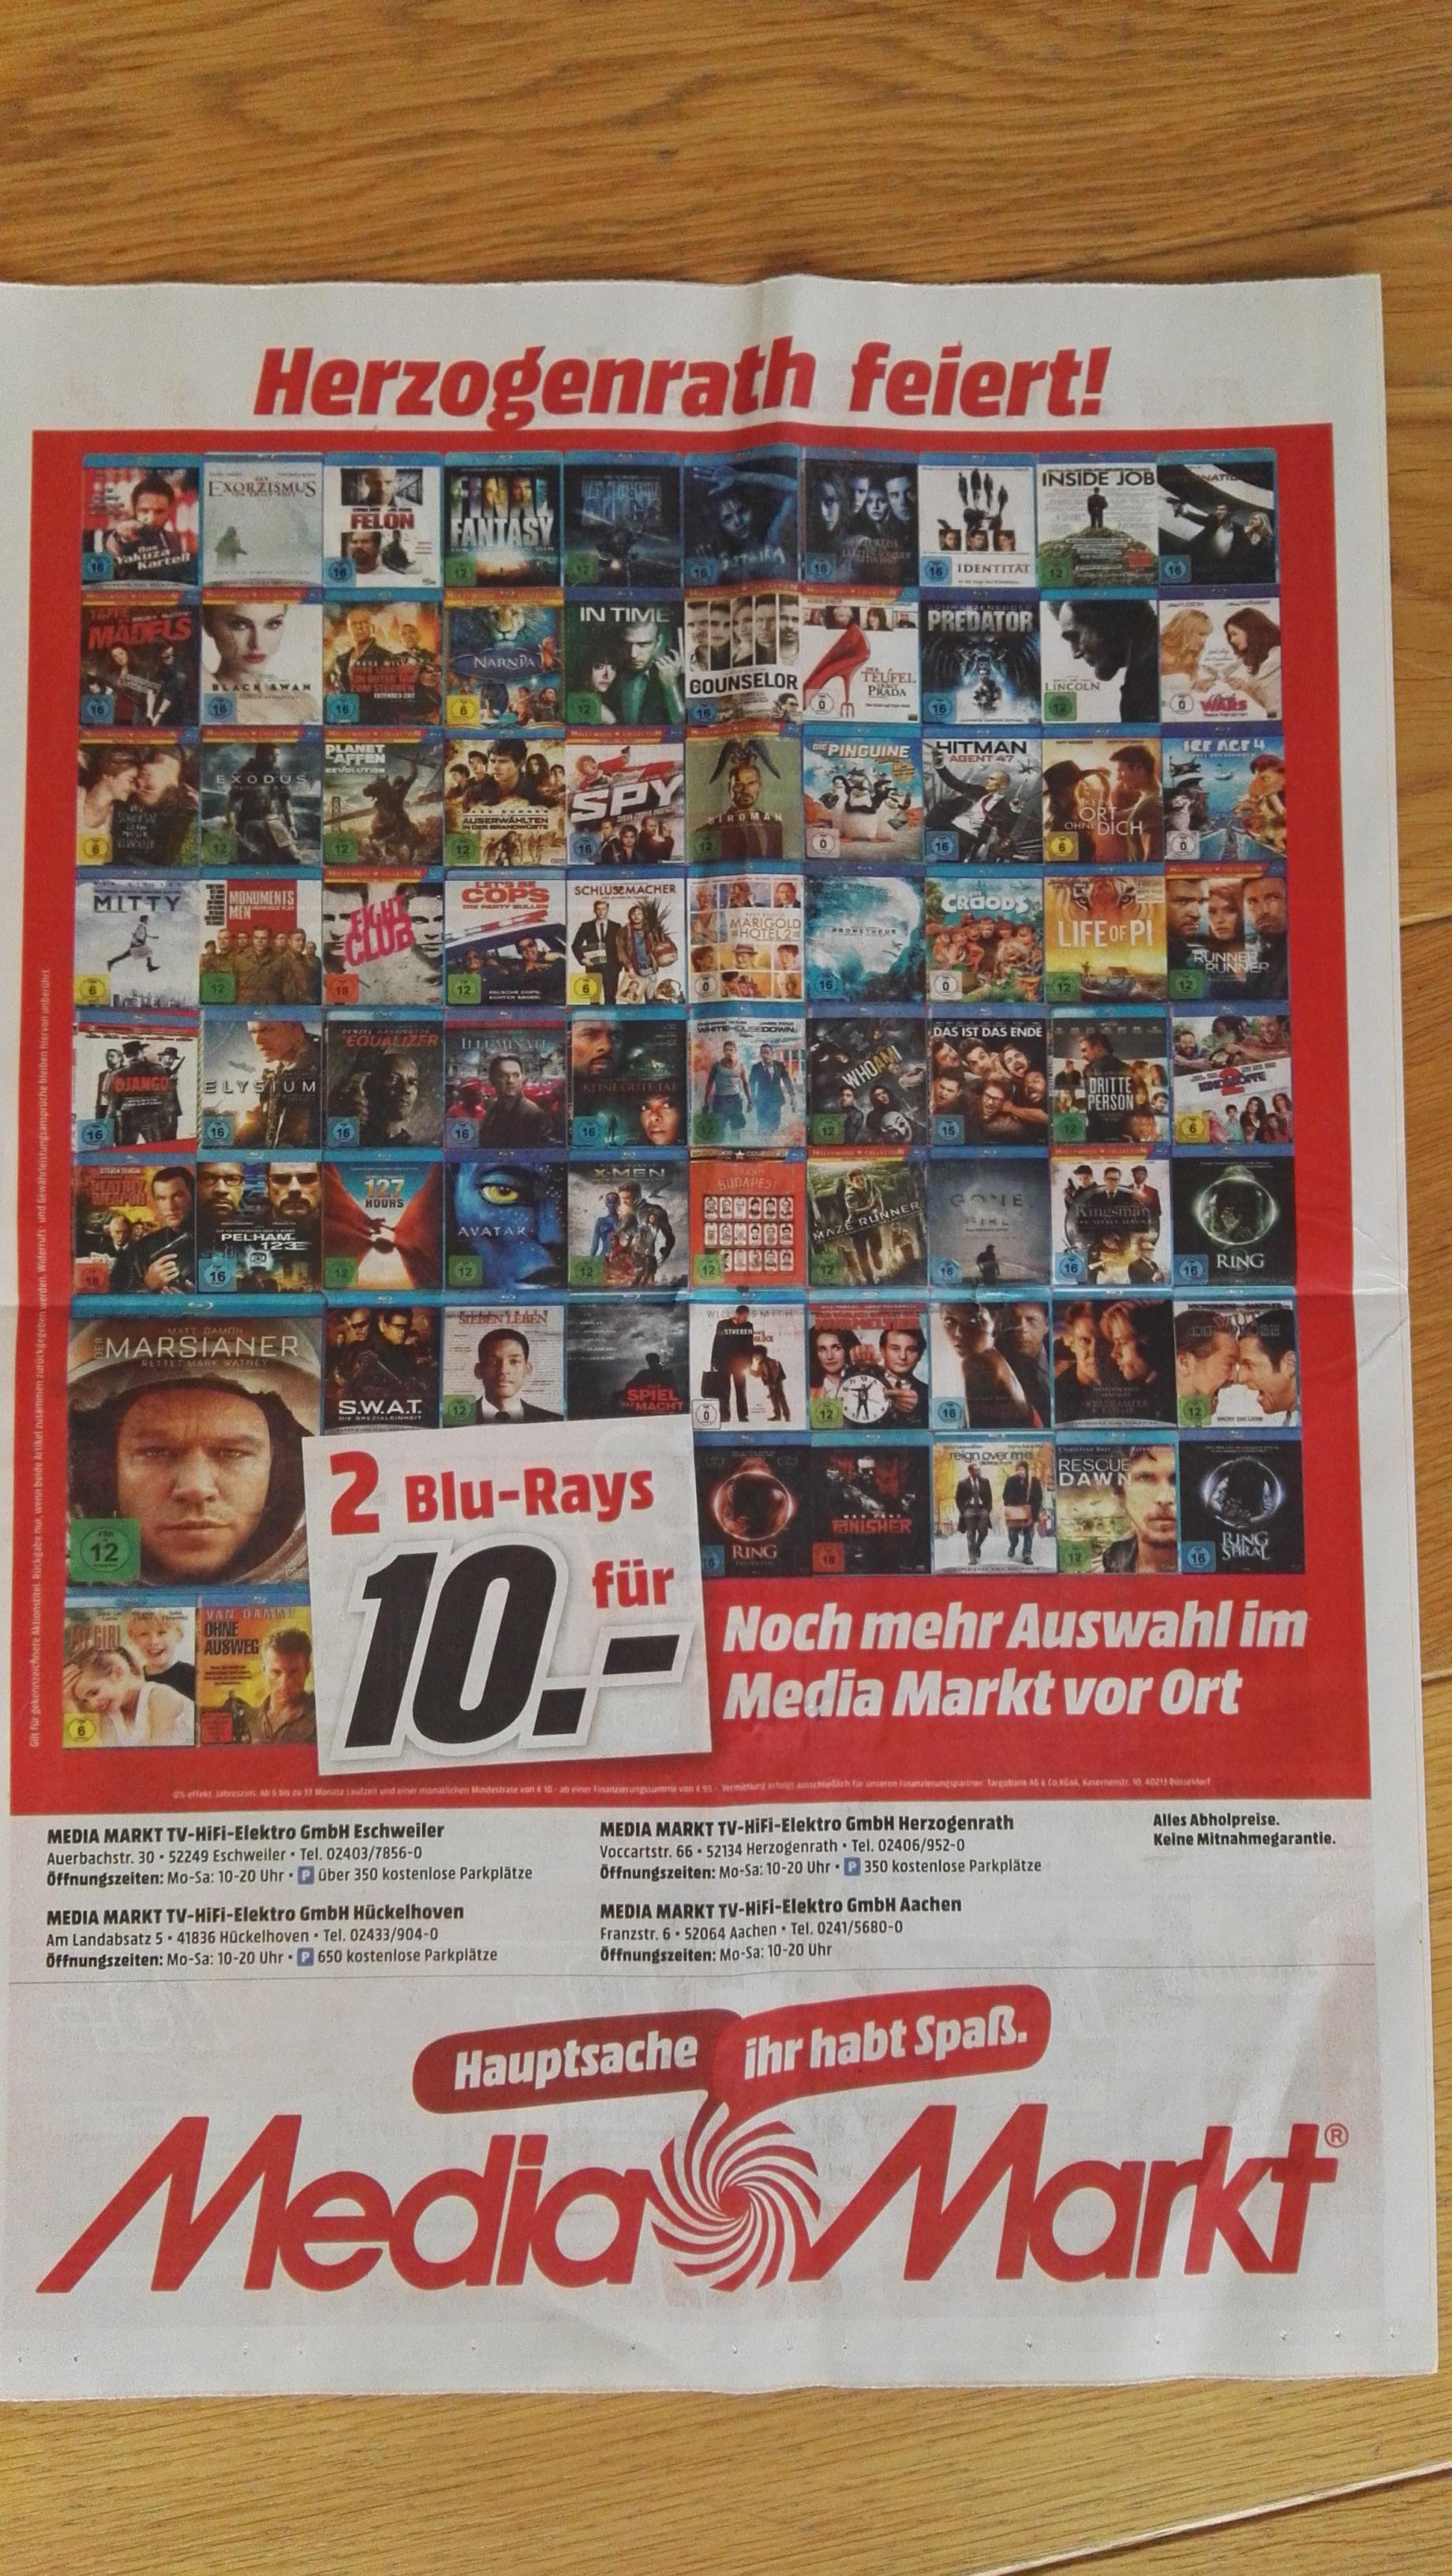 (Lokal) Media Markt Aachen / Herzogenrath / Eschweiler / Hückelhoven 2 Blu-Rays für 10€